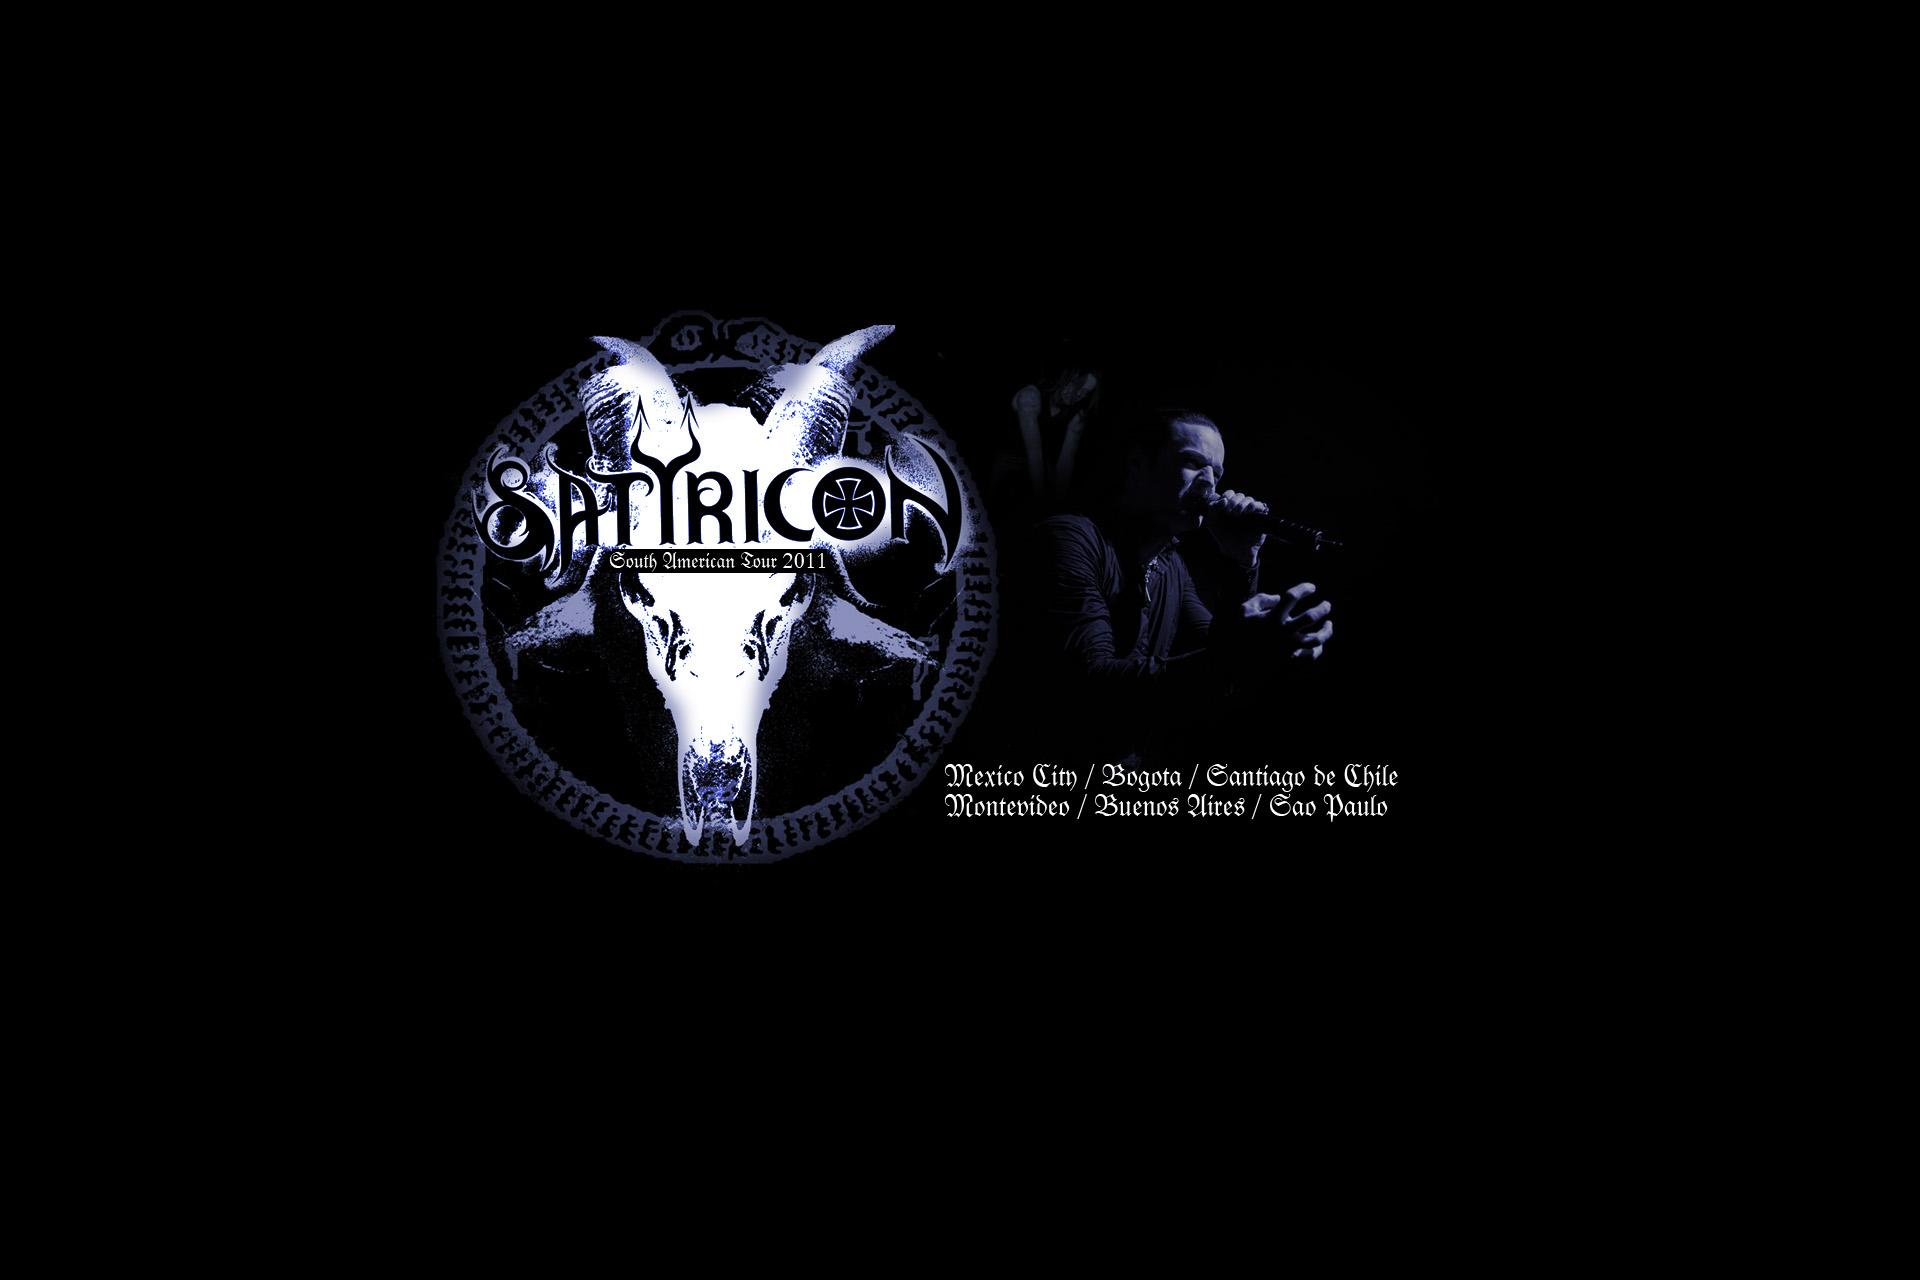 satyricon en colombia 2011